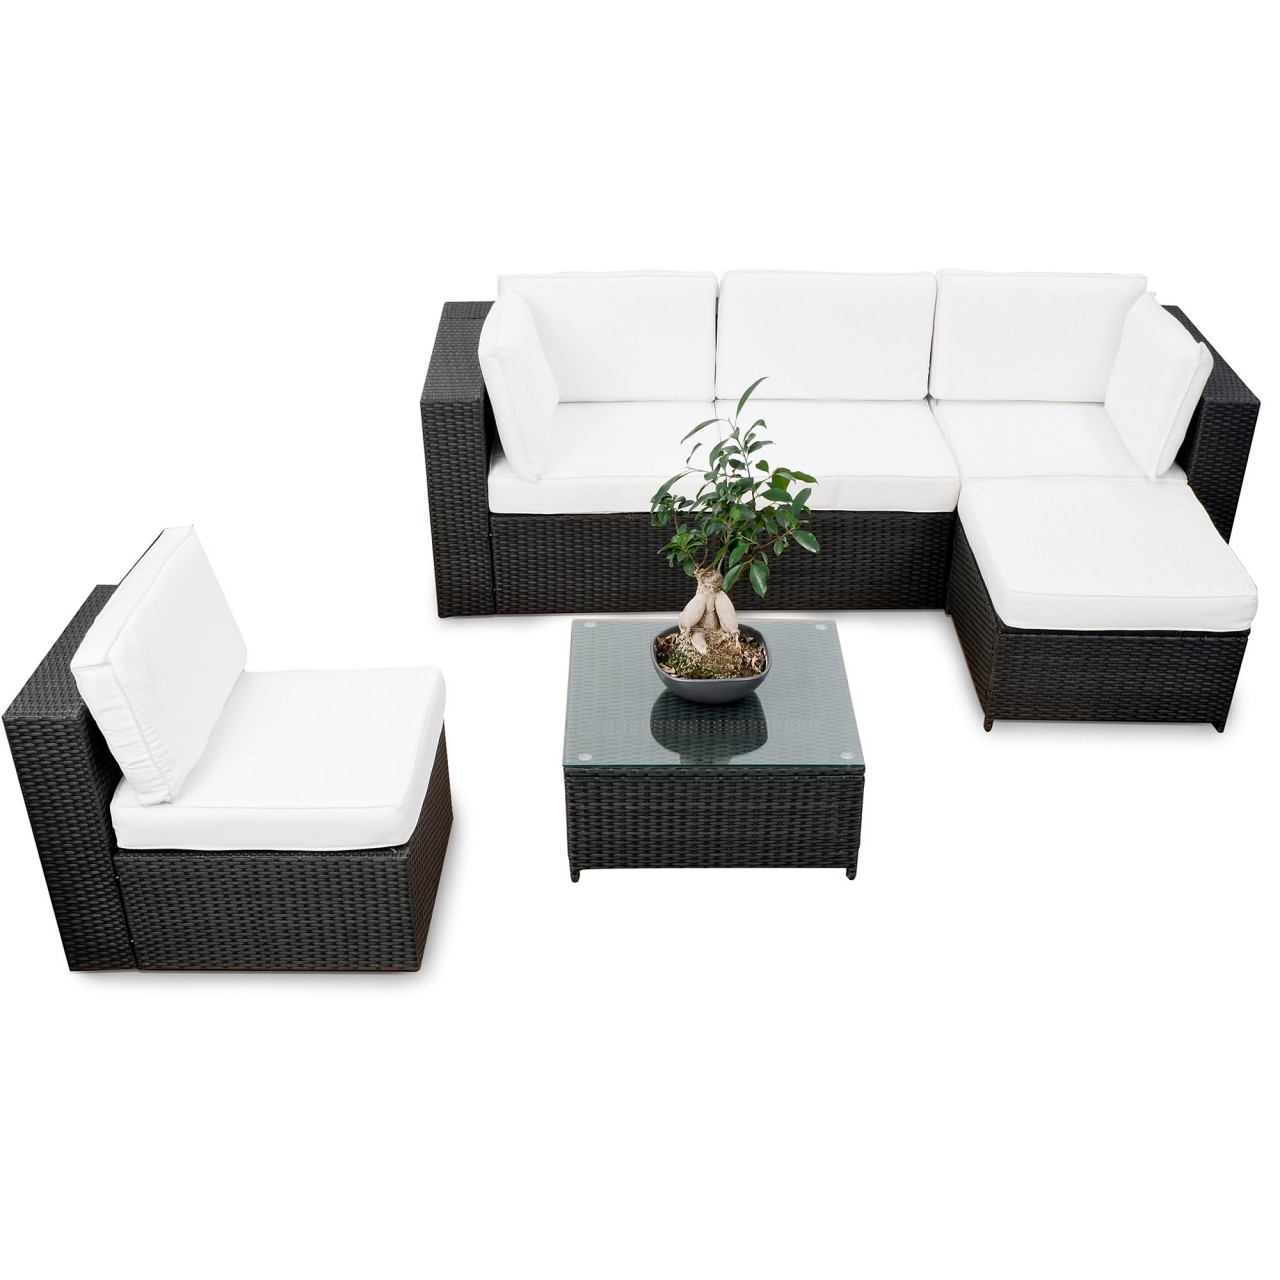 Elegant Gartenlounge Rattan ▻ Günstig ◅ Rattan Garten Lounge Kaufen